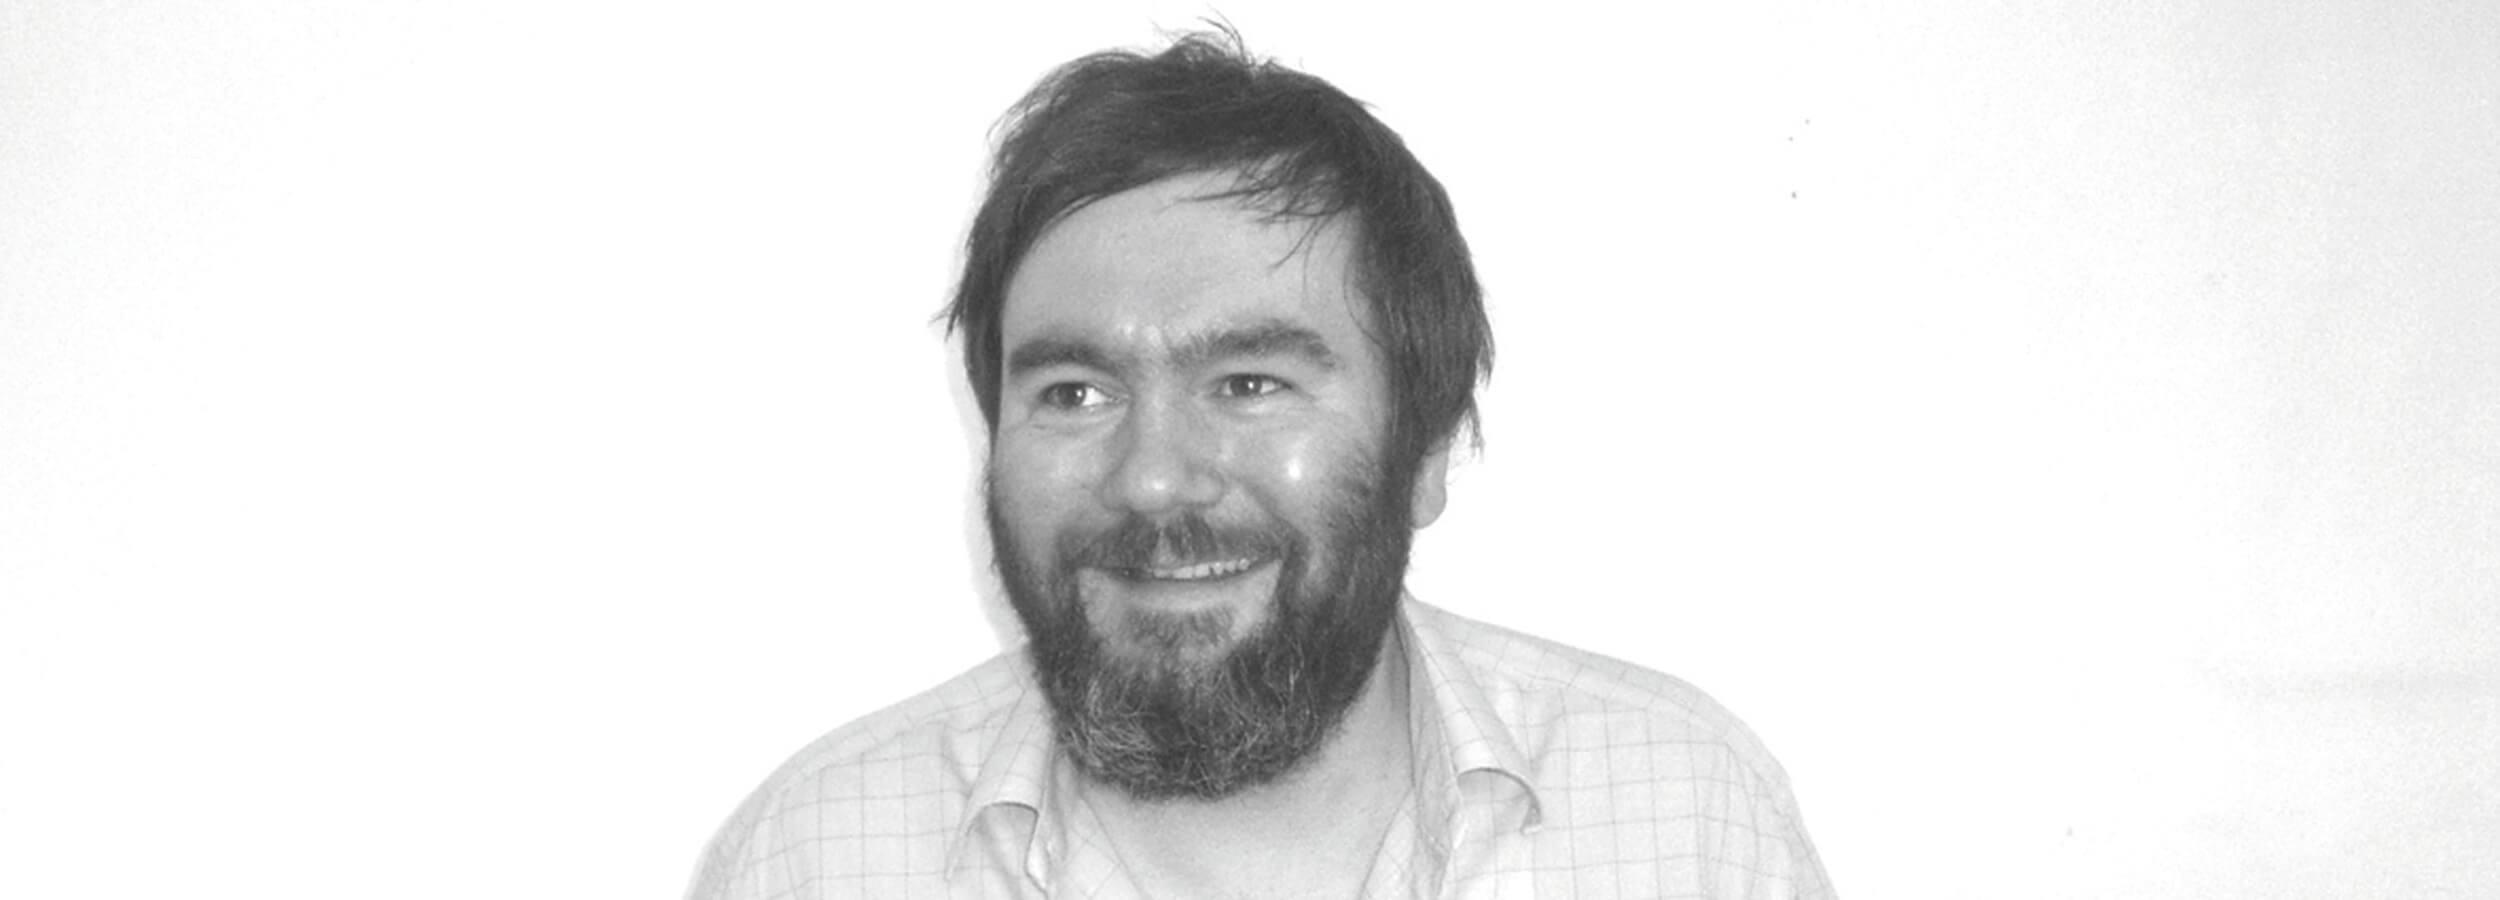 Aidan John Moffat